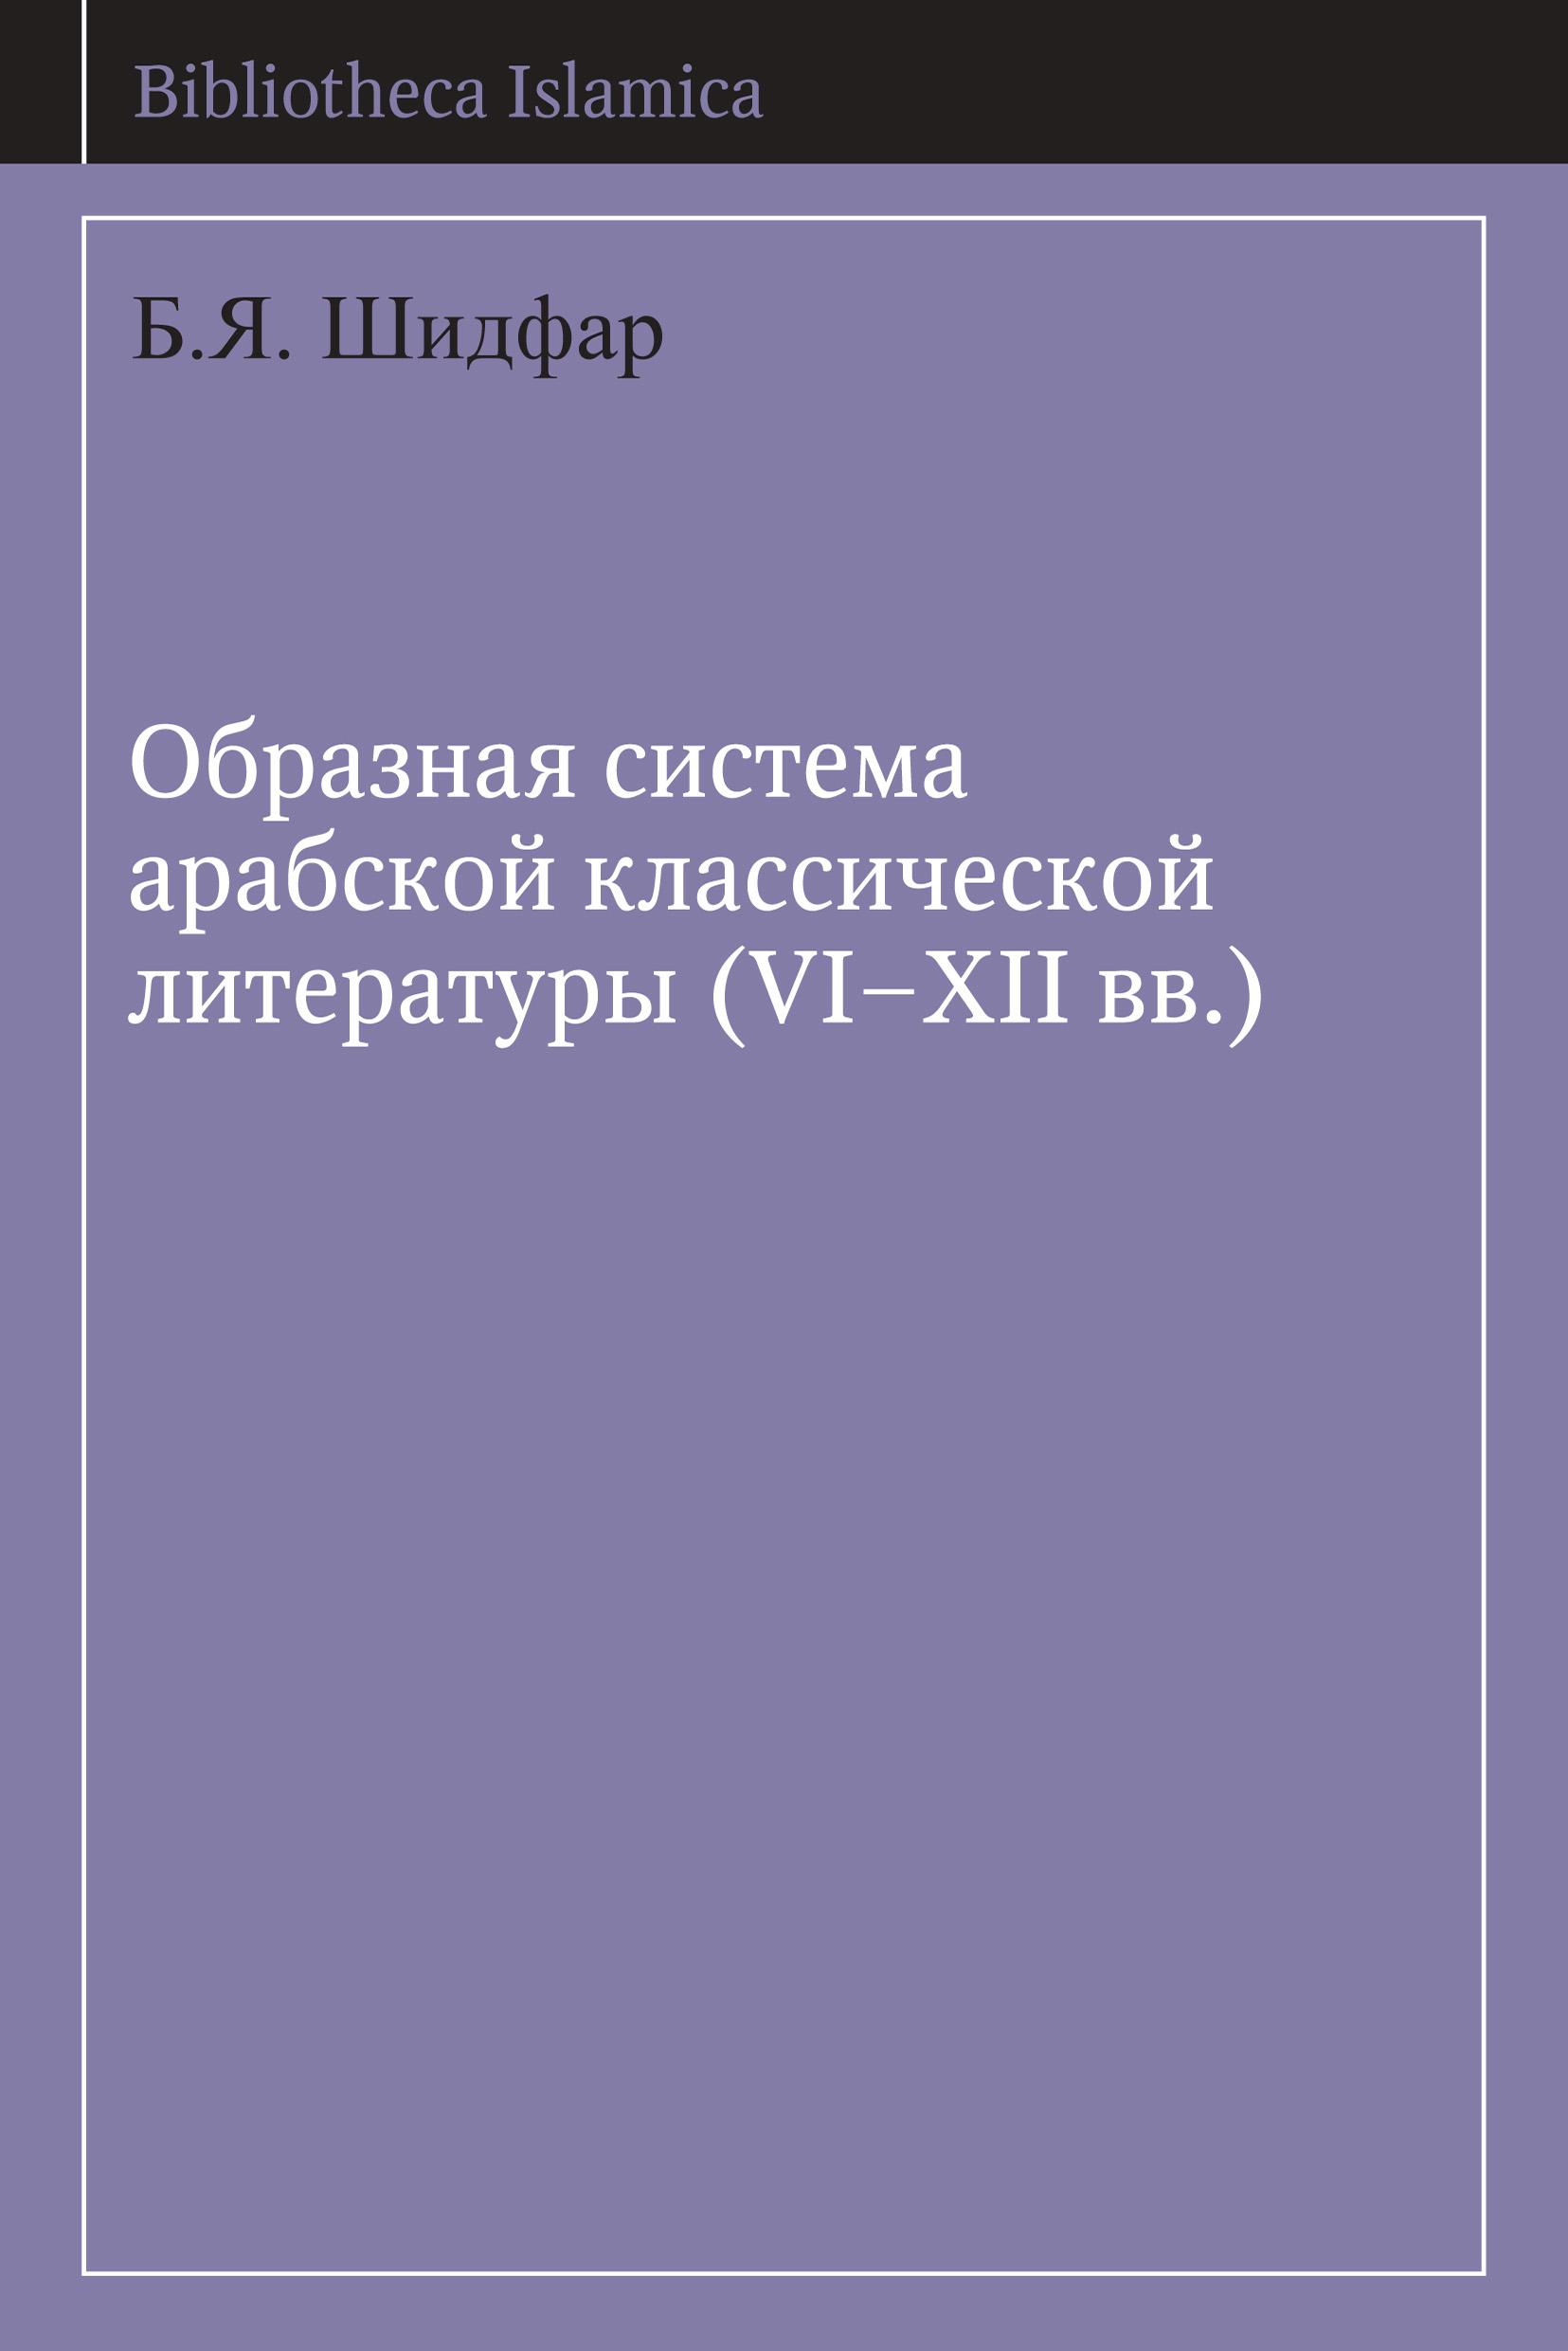 Образная система арабской классической литературы (VI-XII вв.)